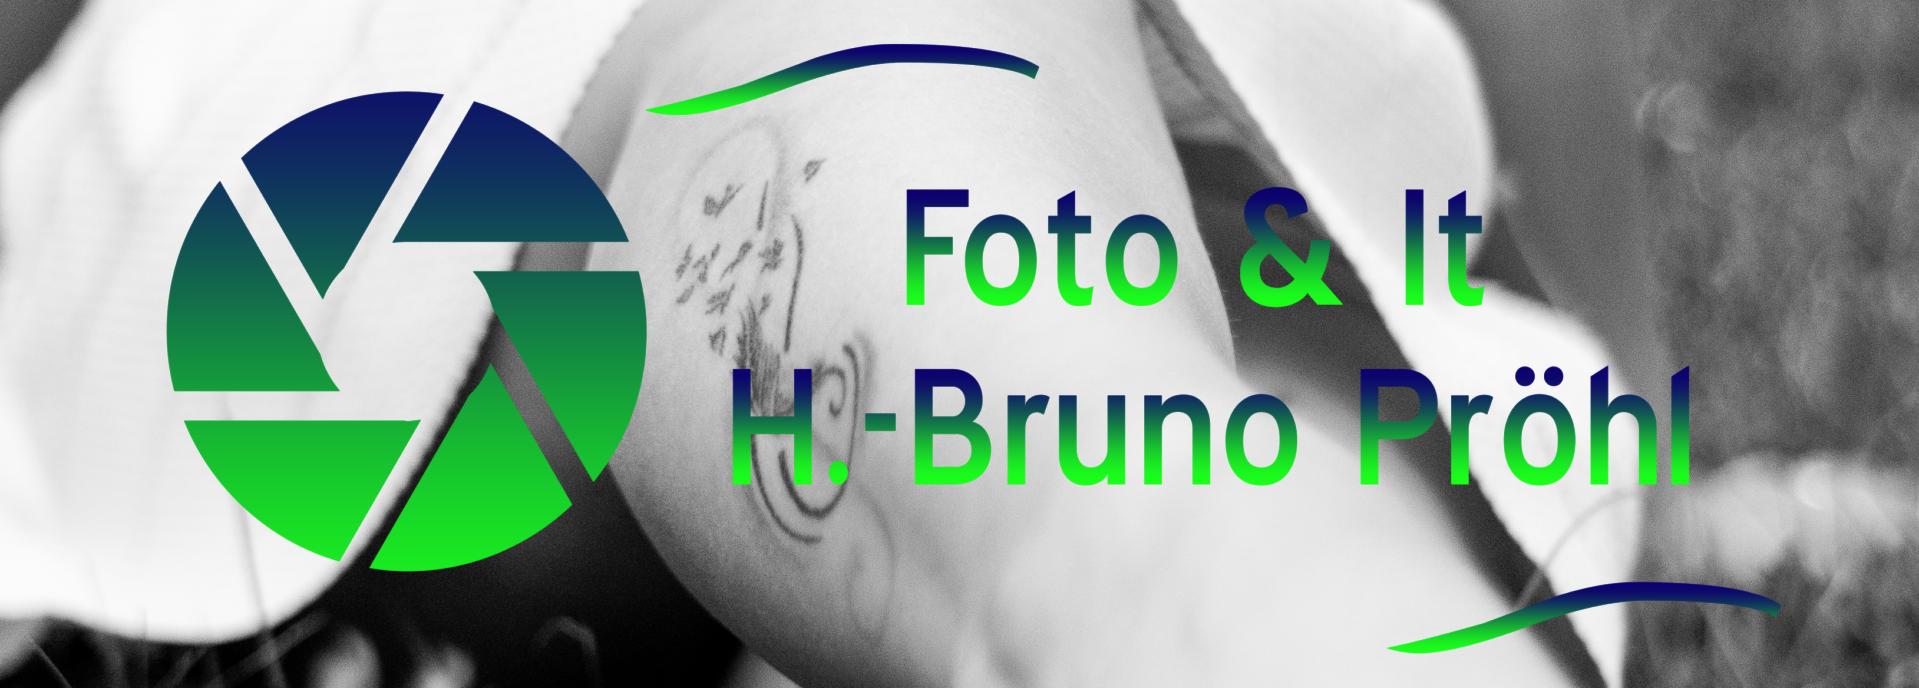 Portfolio von Foto & IT H.-Bruno Pröhl